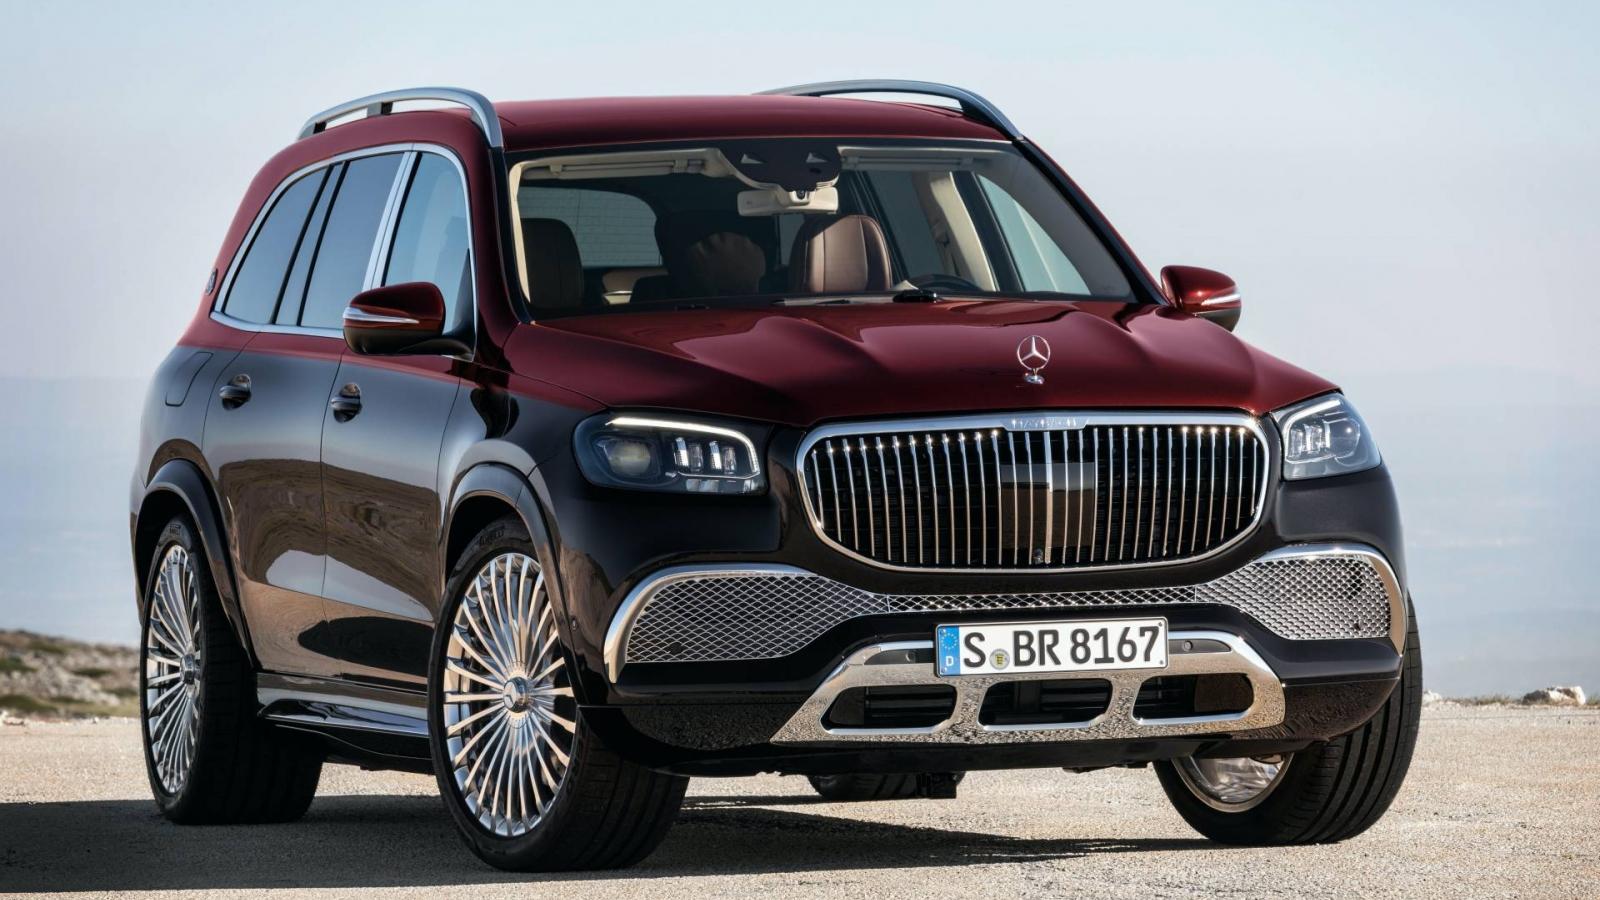 Mercedes-Maybach GLS 600 giá hơn 160.000 USD sang trọng cỡ nào?